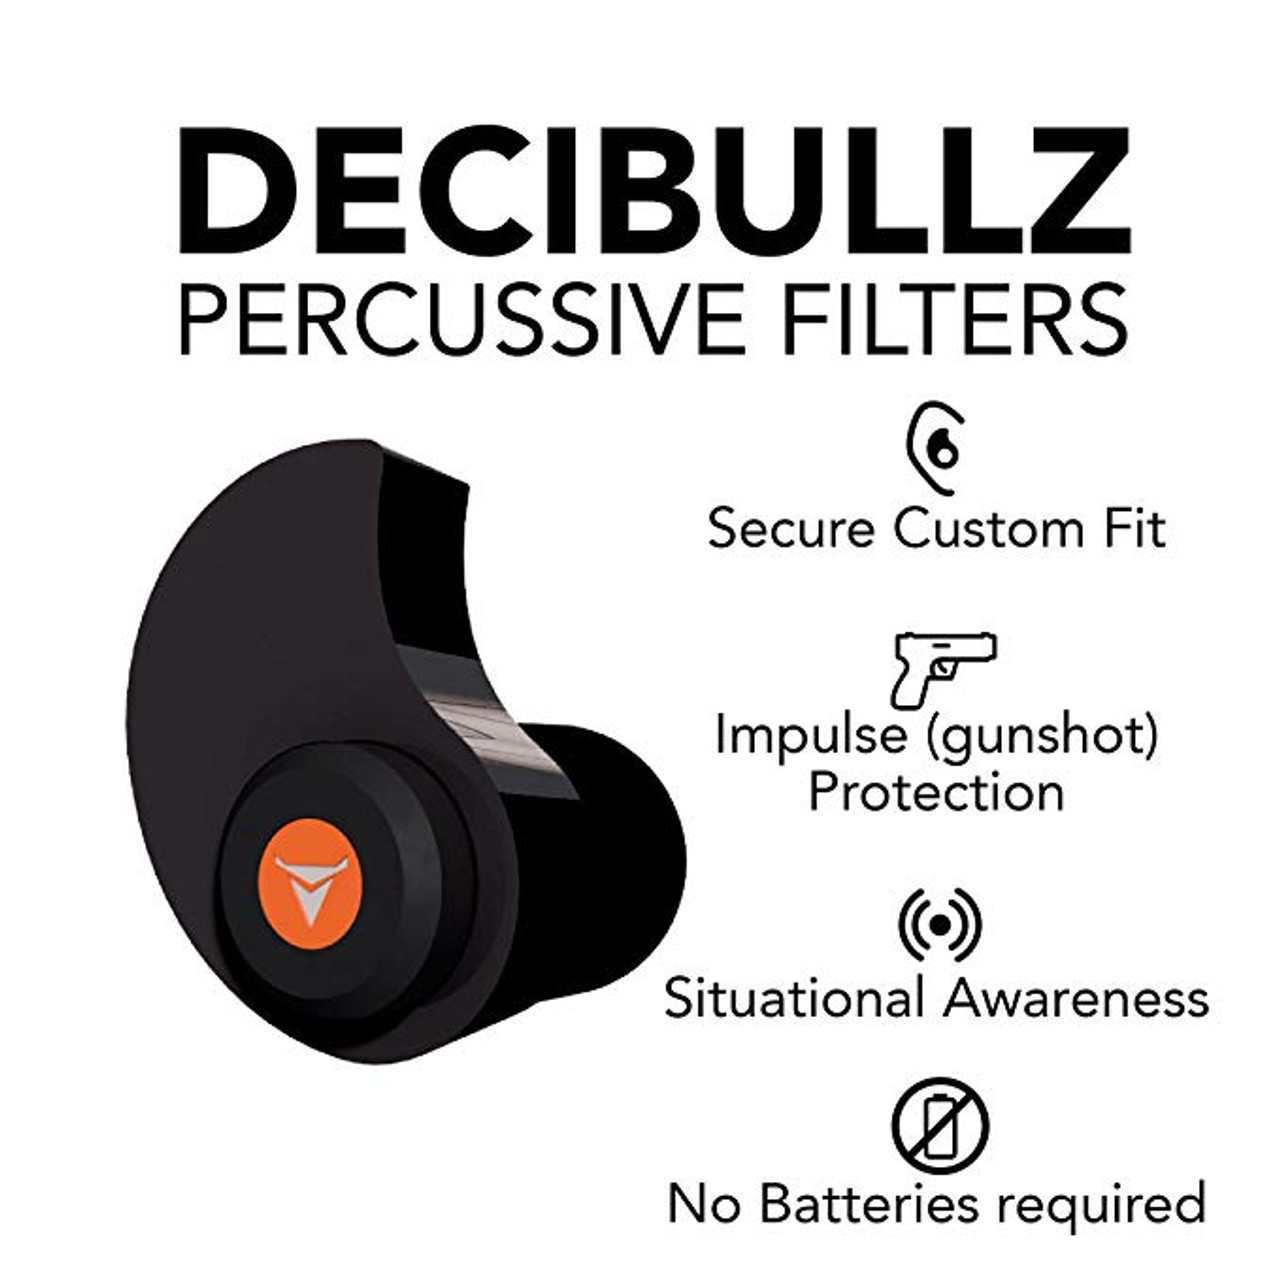 Decibullz Custom Molded Percussive Shooting Filter Ear Plugs